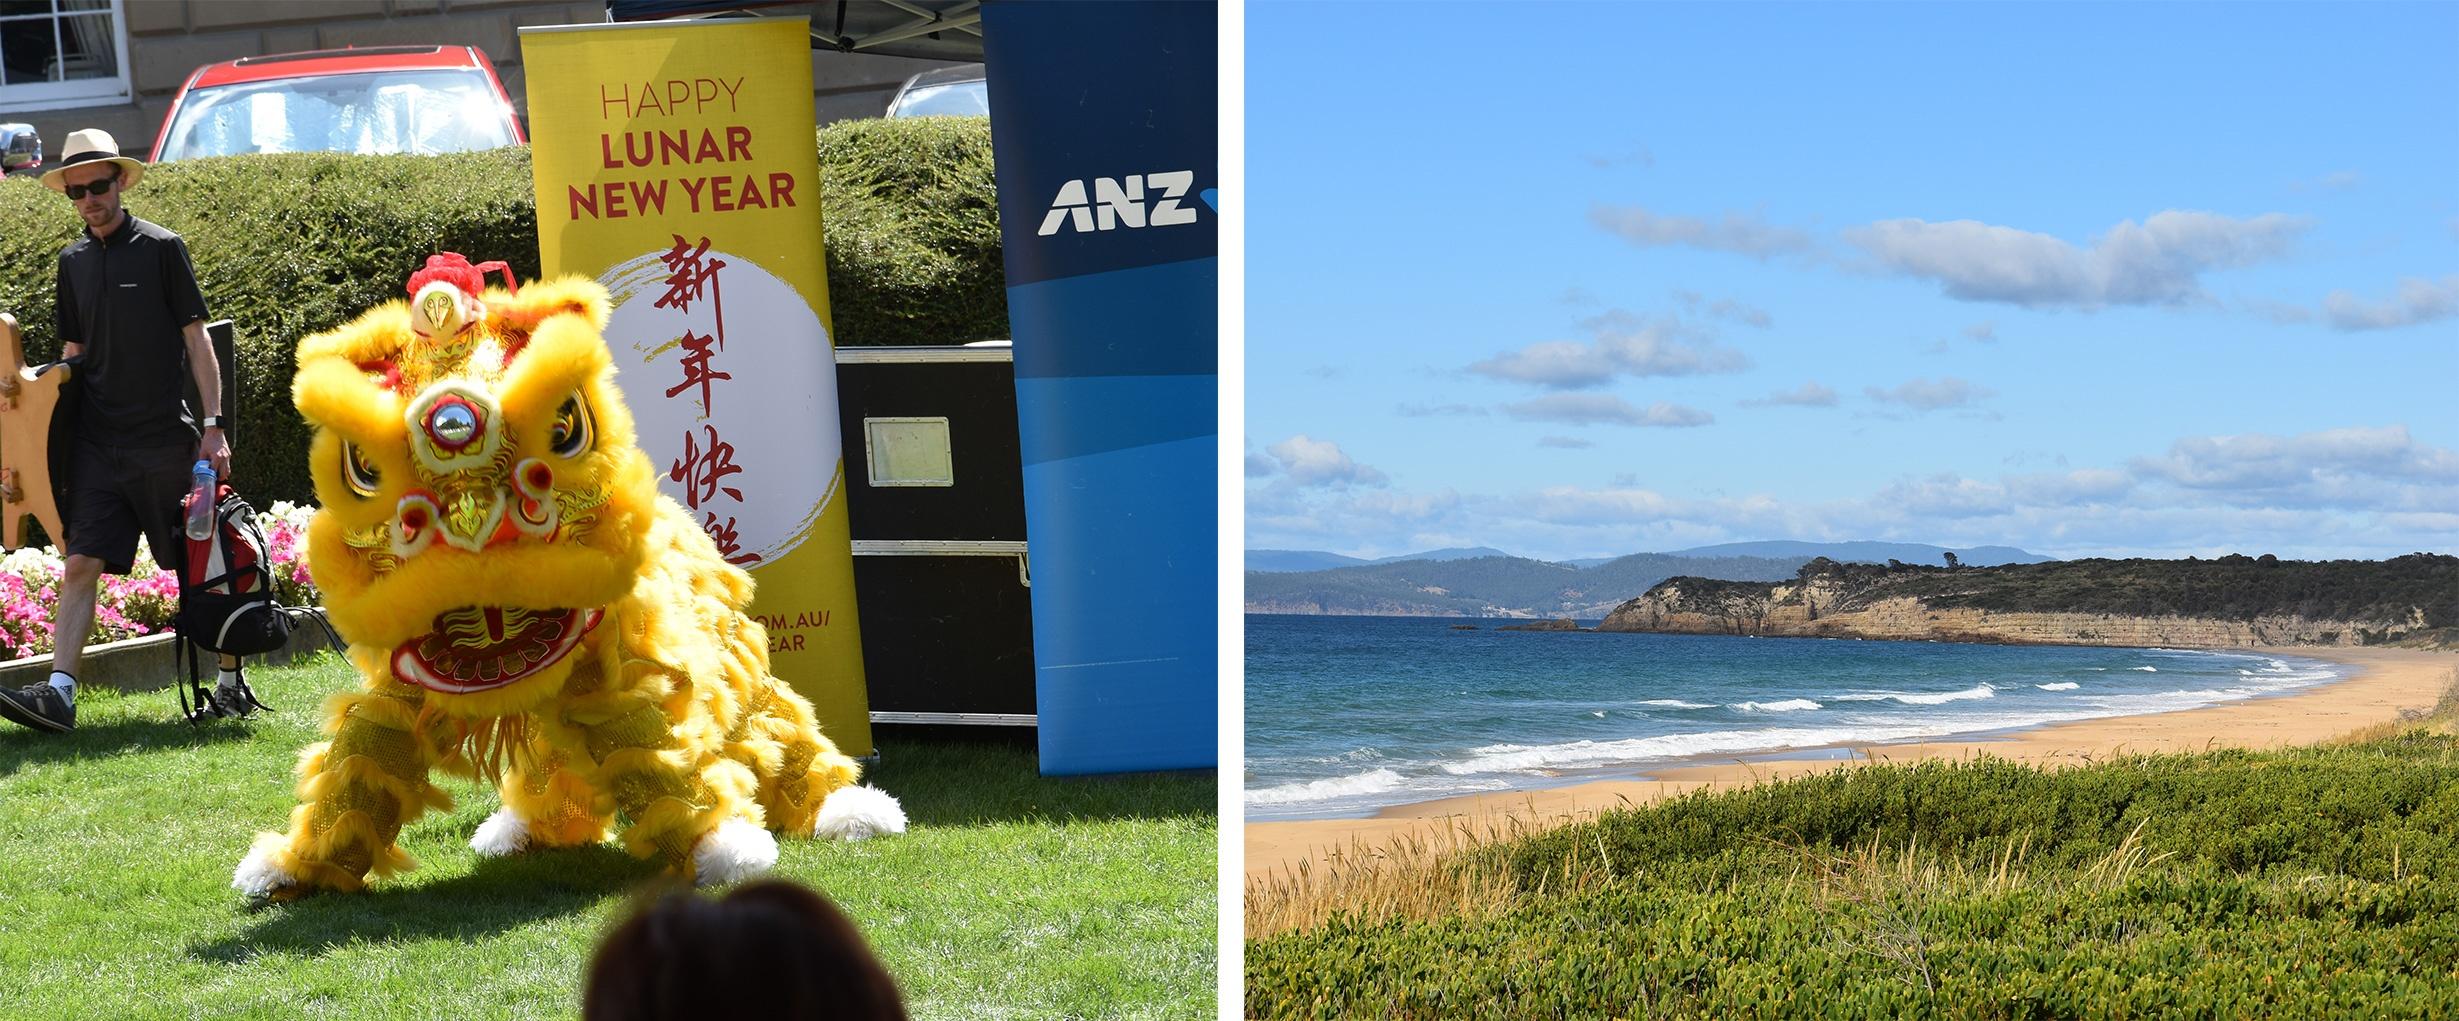 Freiwilligeneinsatz in Hobart, Tasmanien - Teil 2